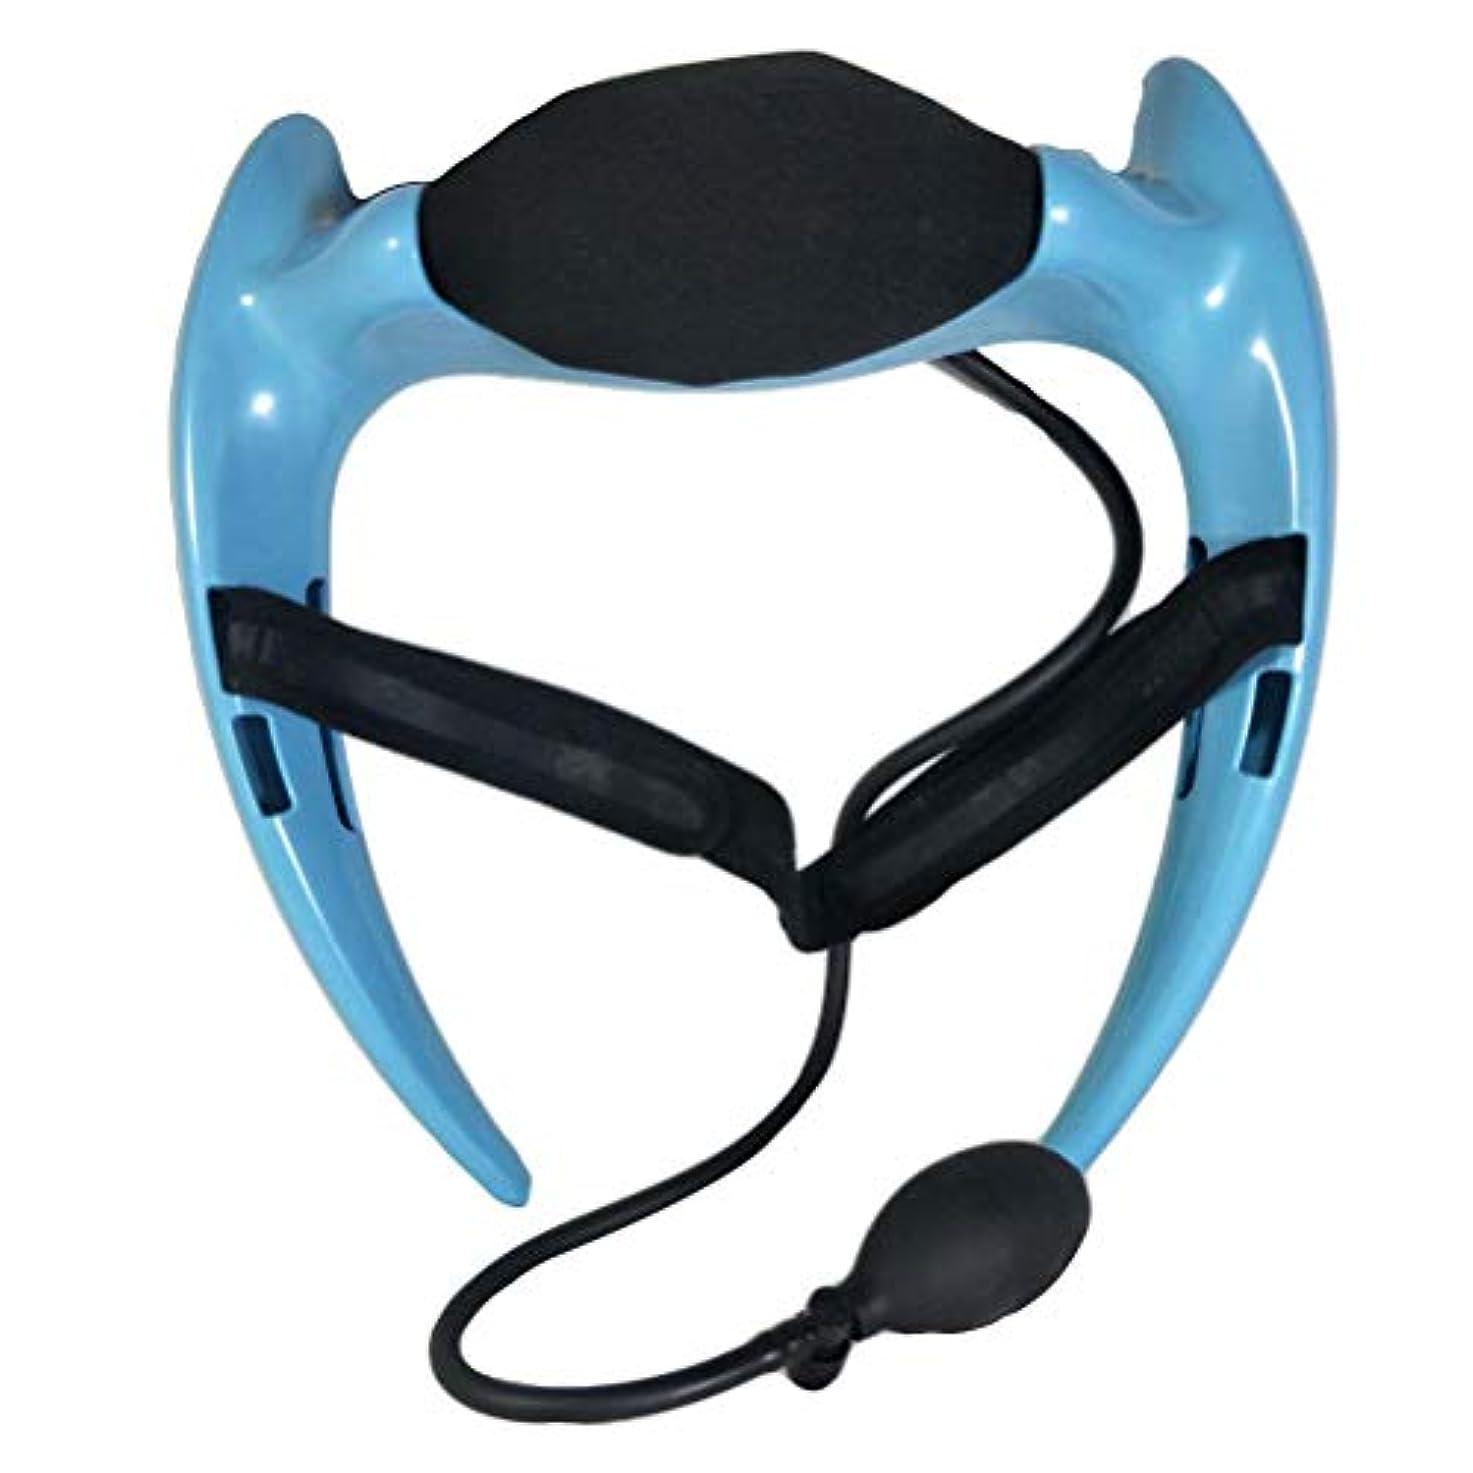 レンダー半ば正確なHealifty 首のけん引力調節可能な通気性の首サポートブレースネック首の首の襟首の首の痛みを和らげるリハビリ傷害回復(ブルー)